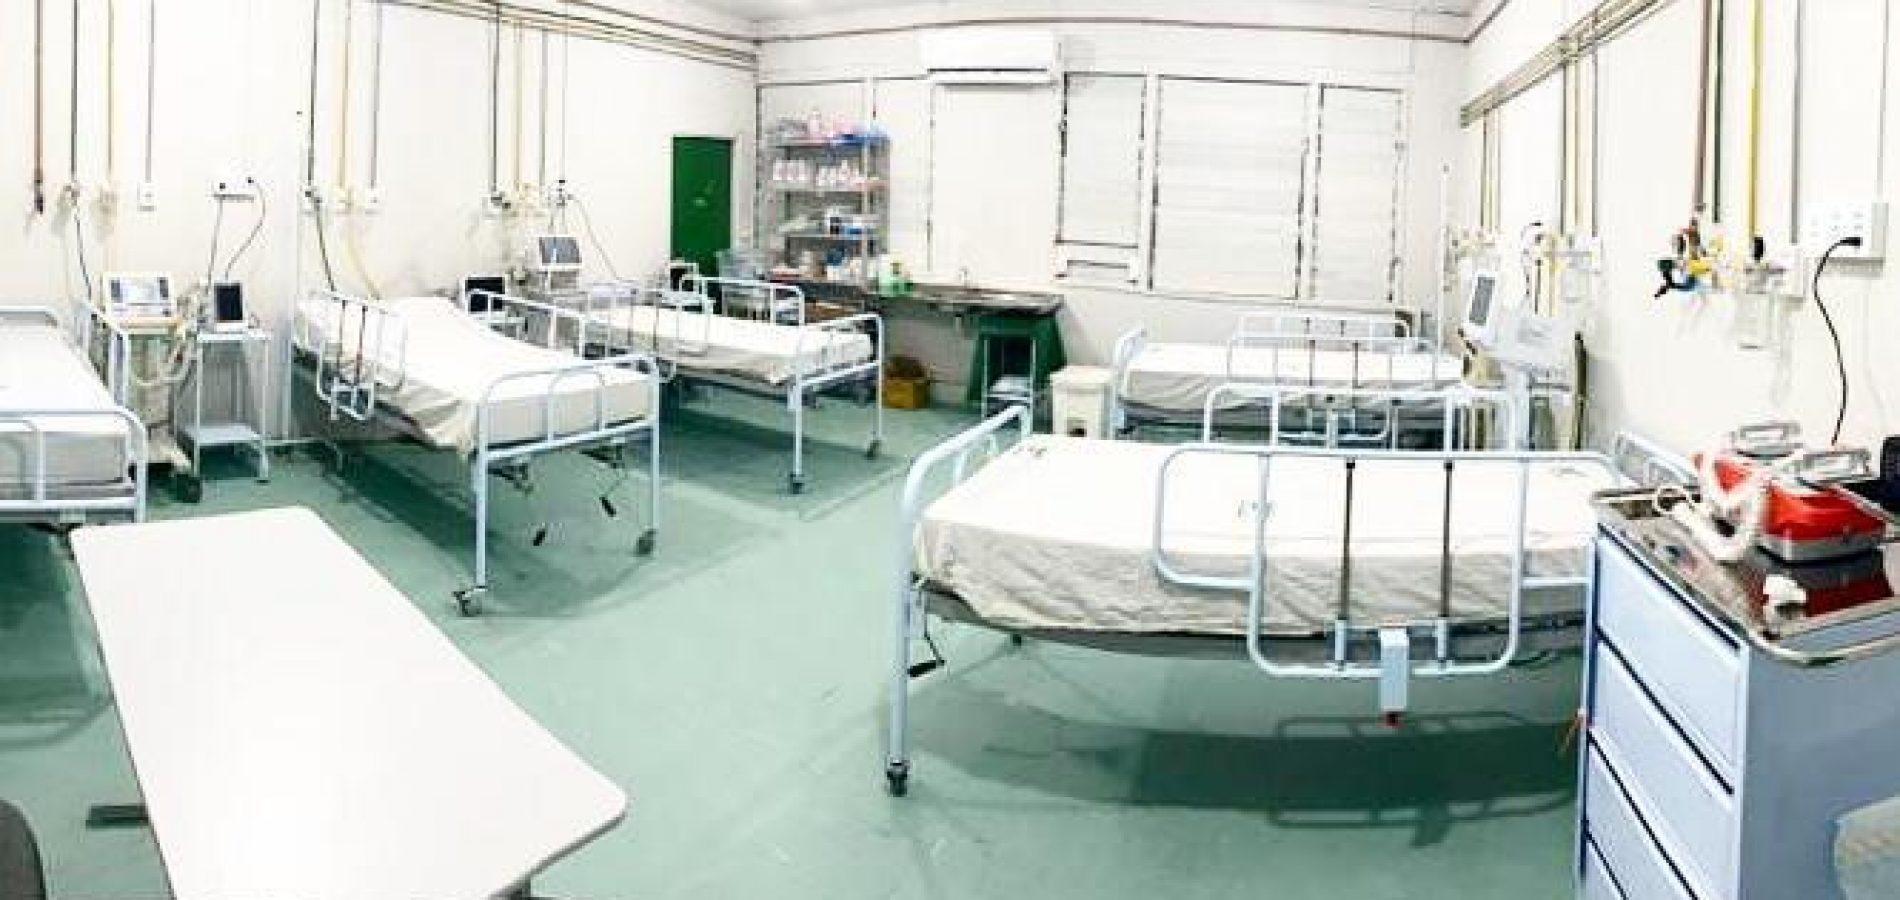 Ocupação de leitos de UTI por pacientes com Covid-19 aumentou 90% em um mês no Piauí